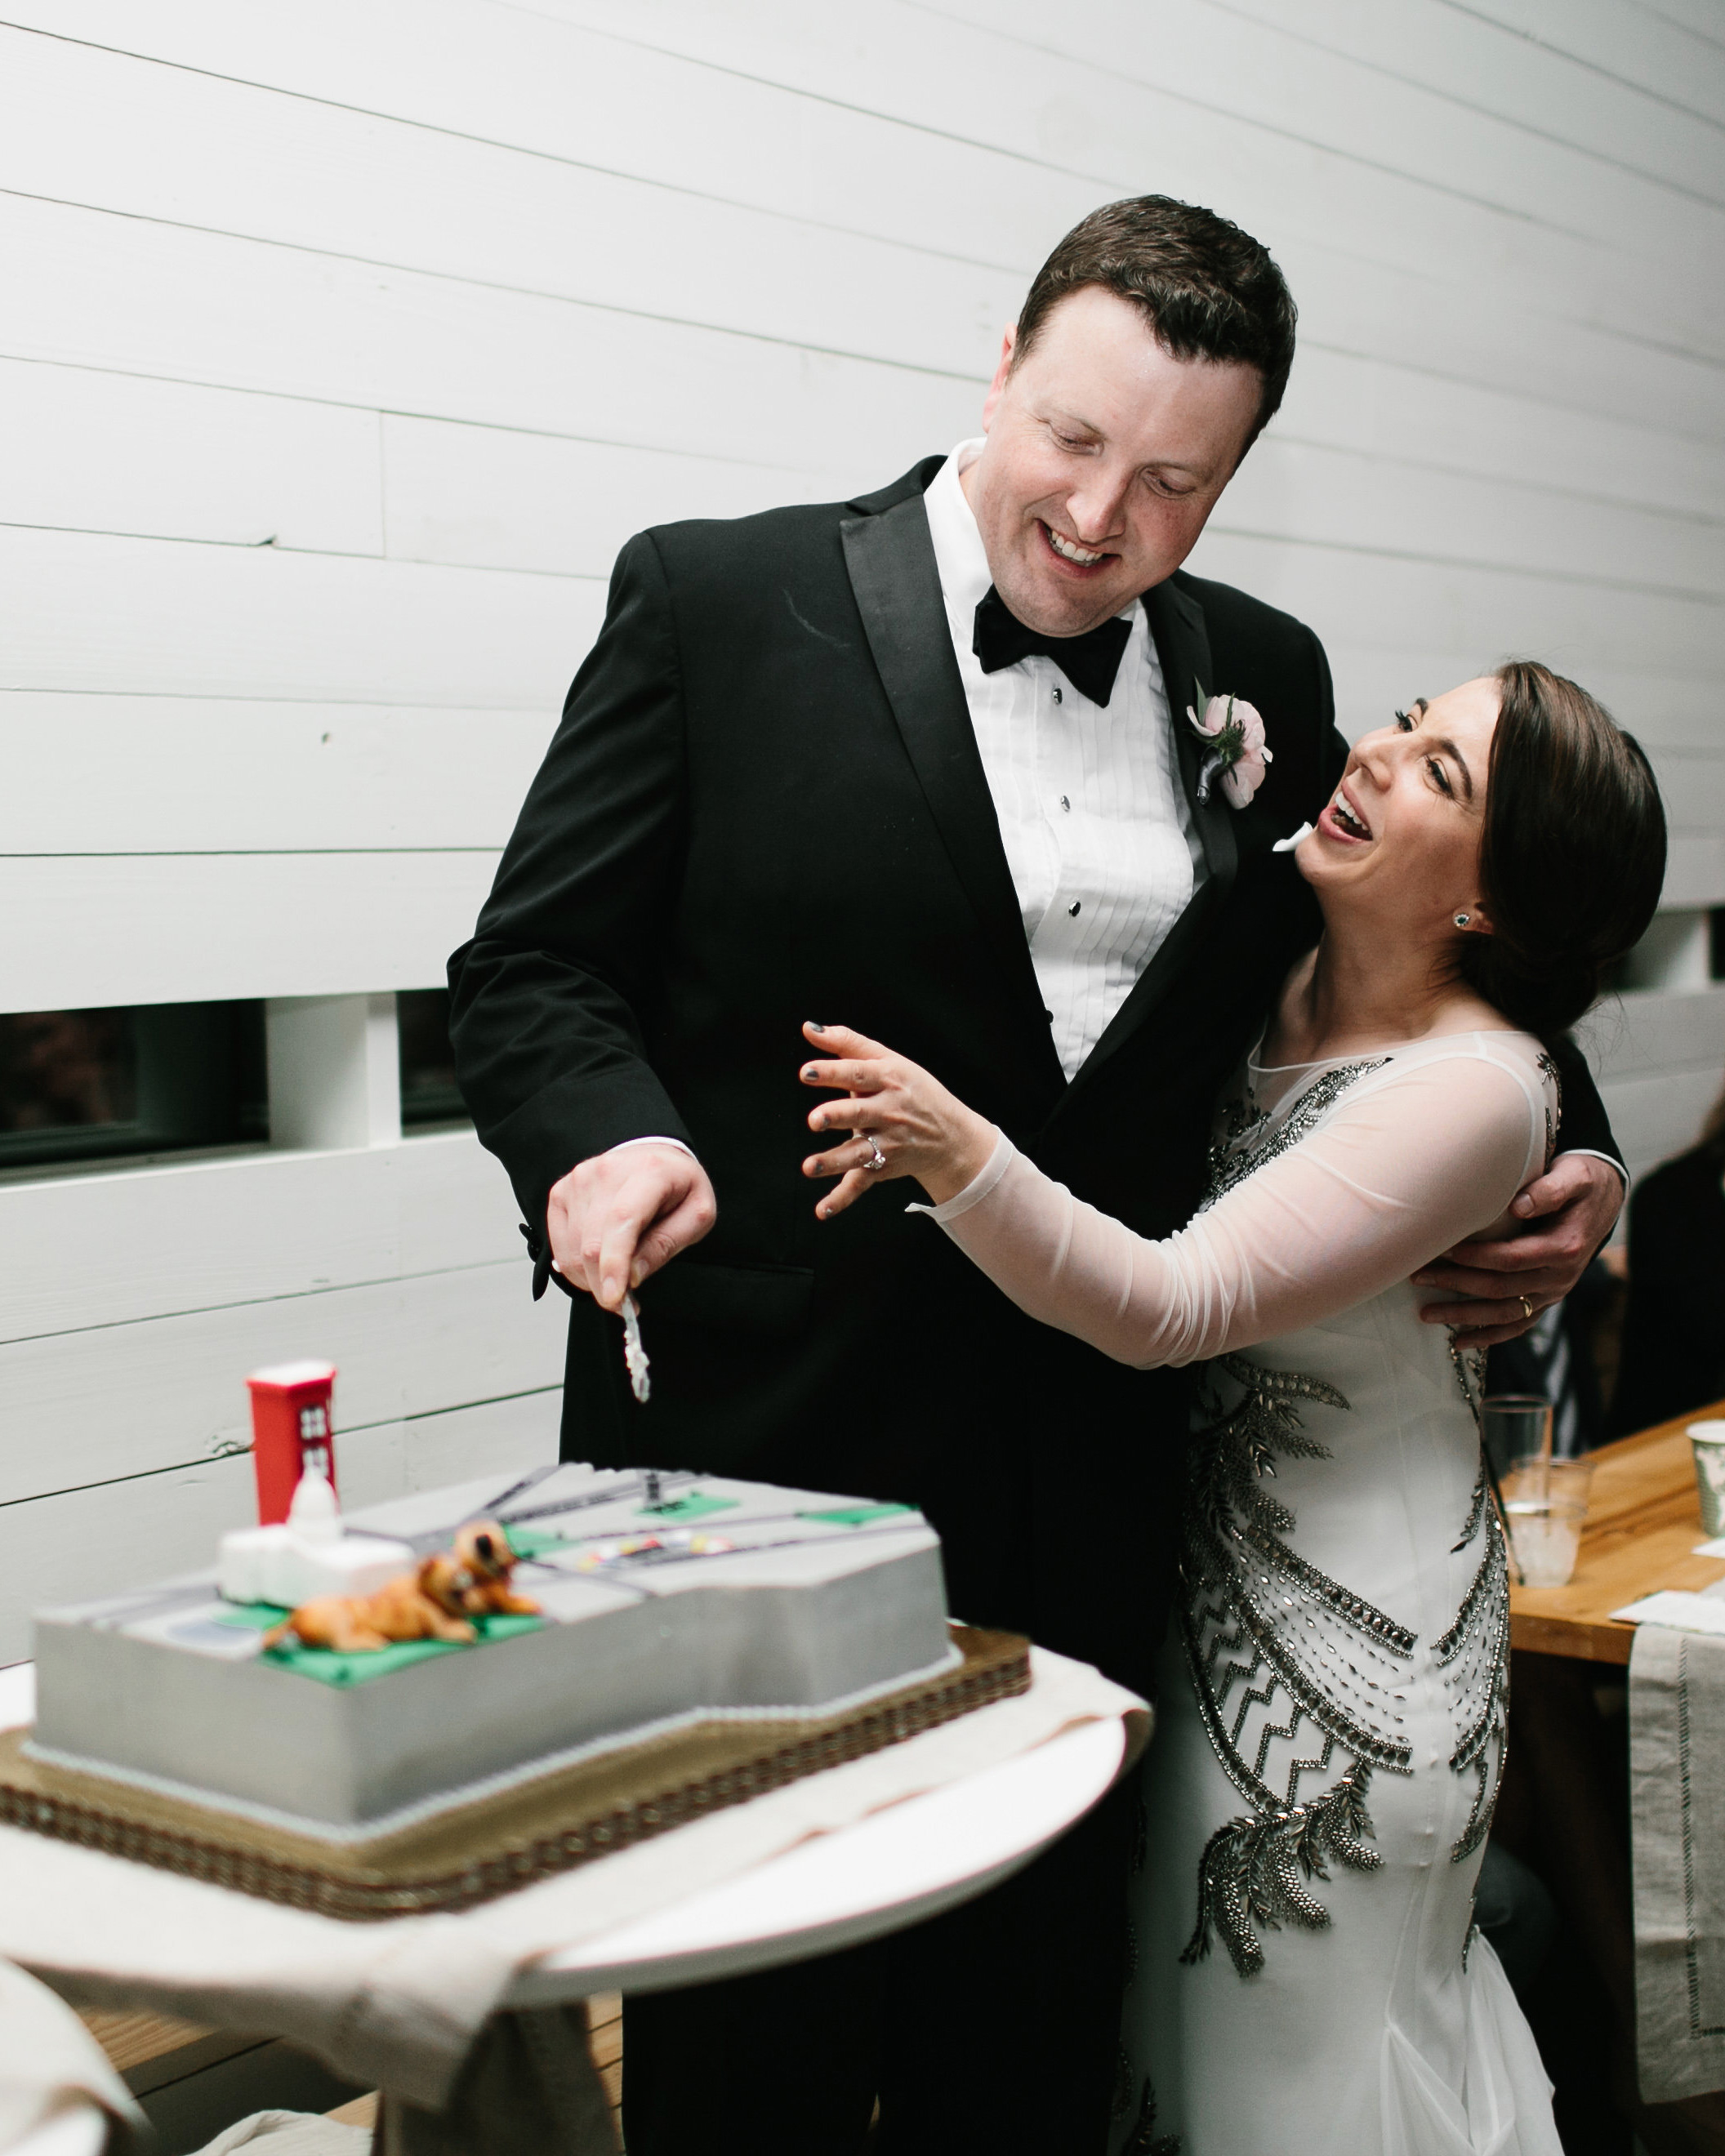 wedding groomscake